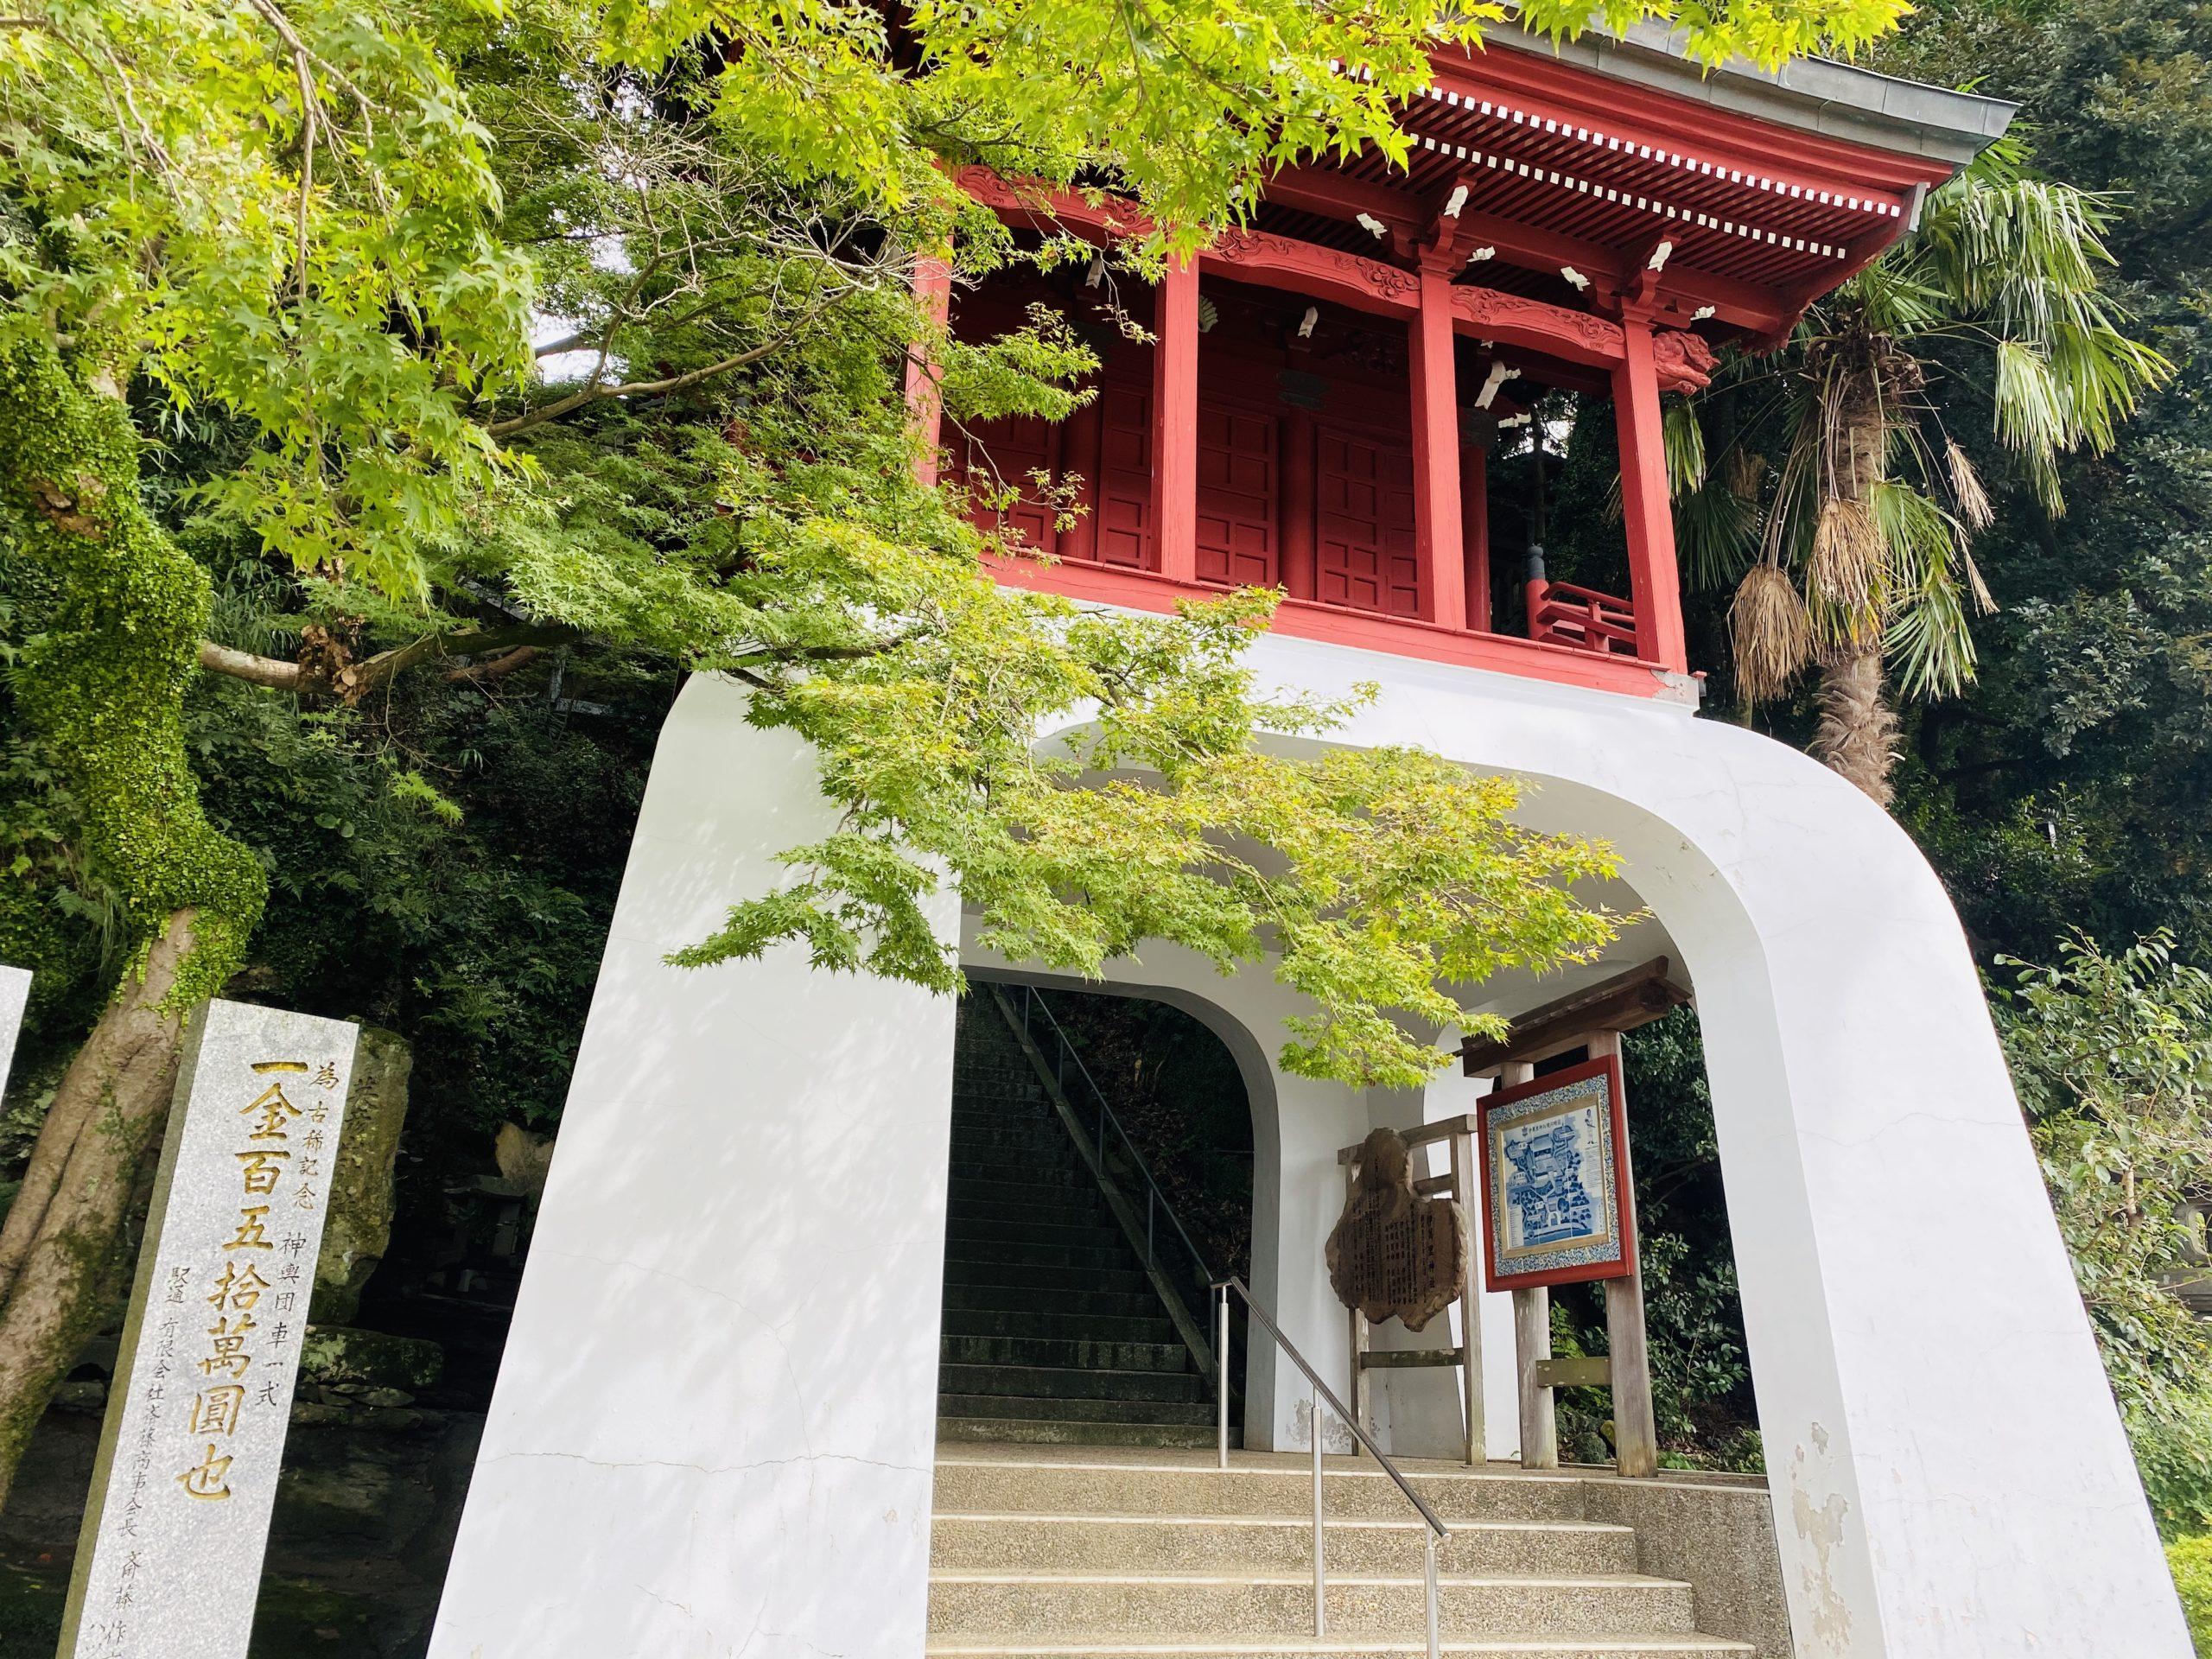 伊萬里神社の楼門